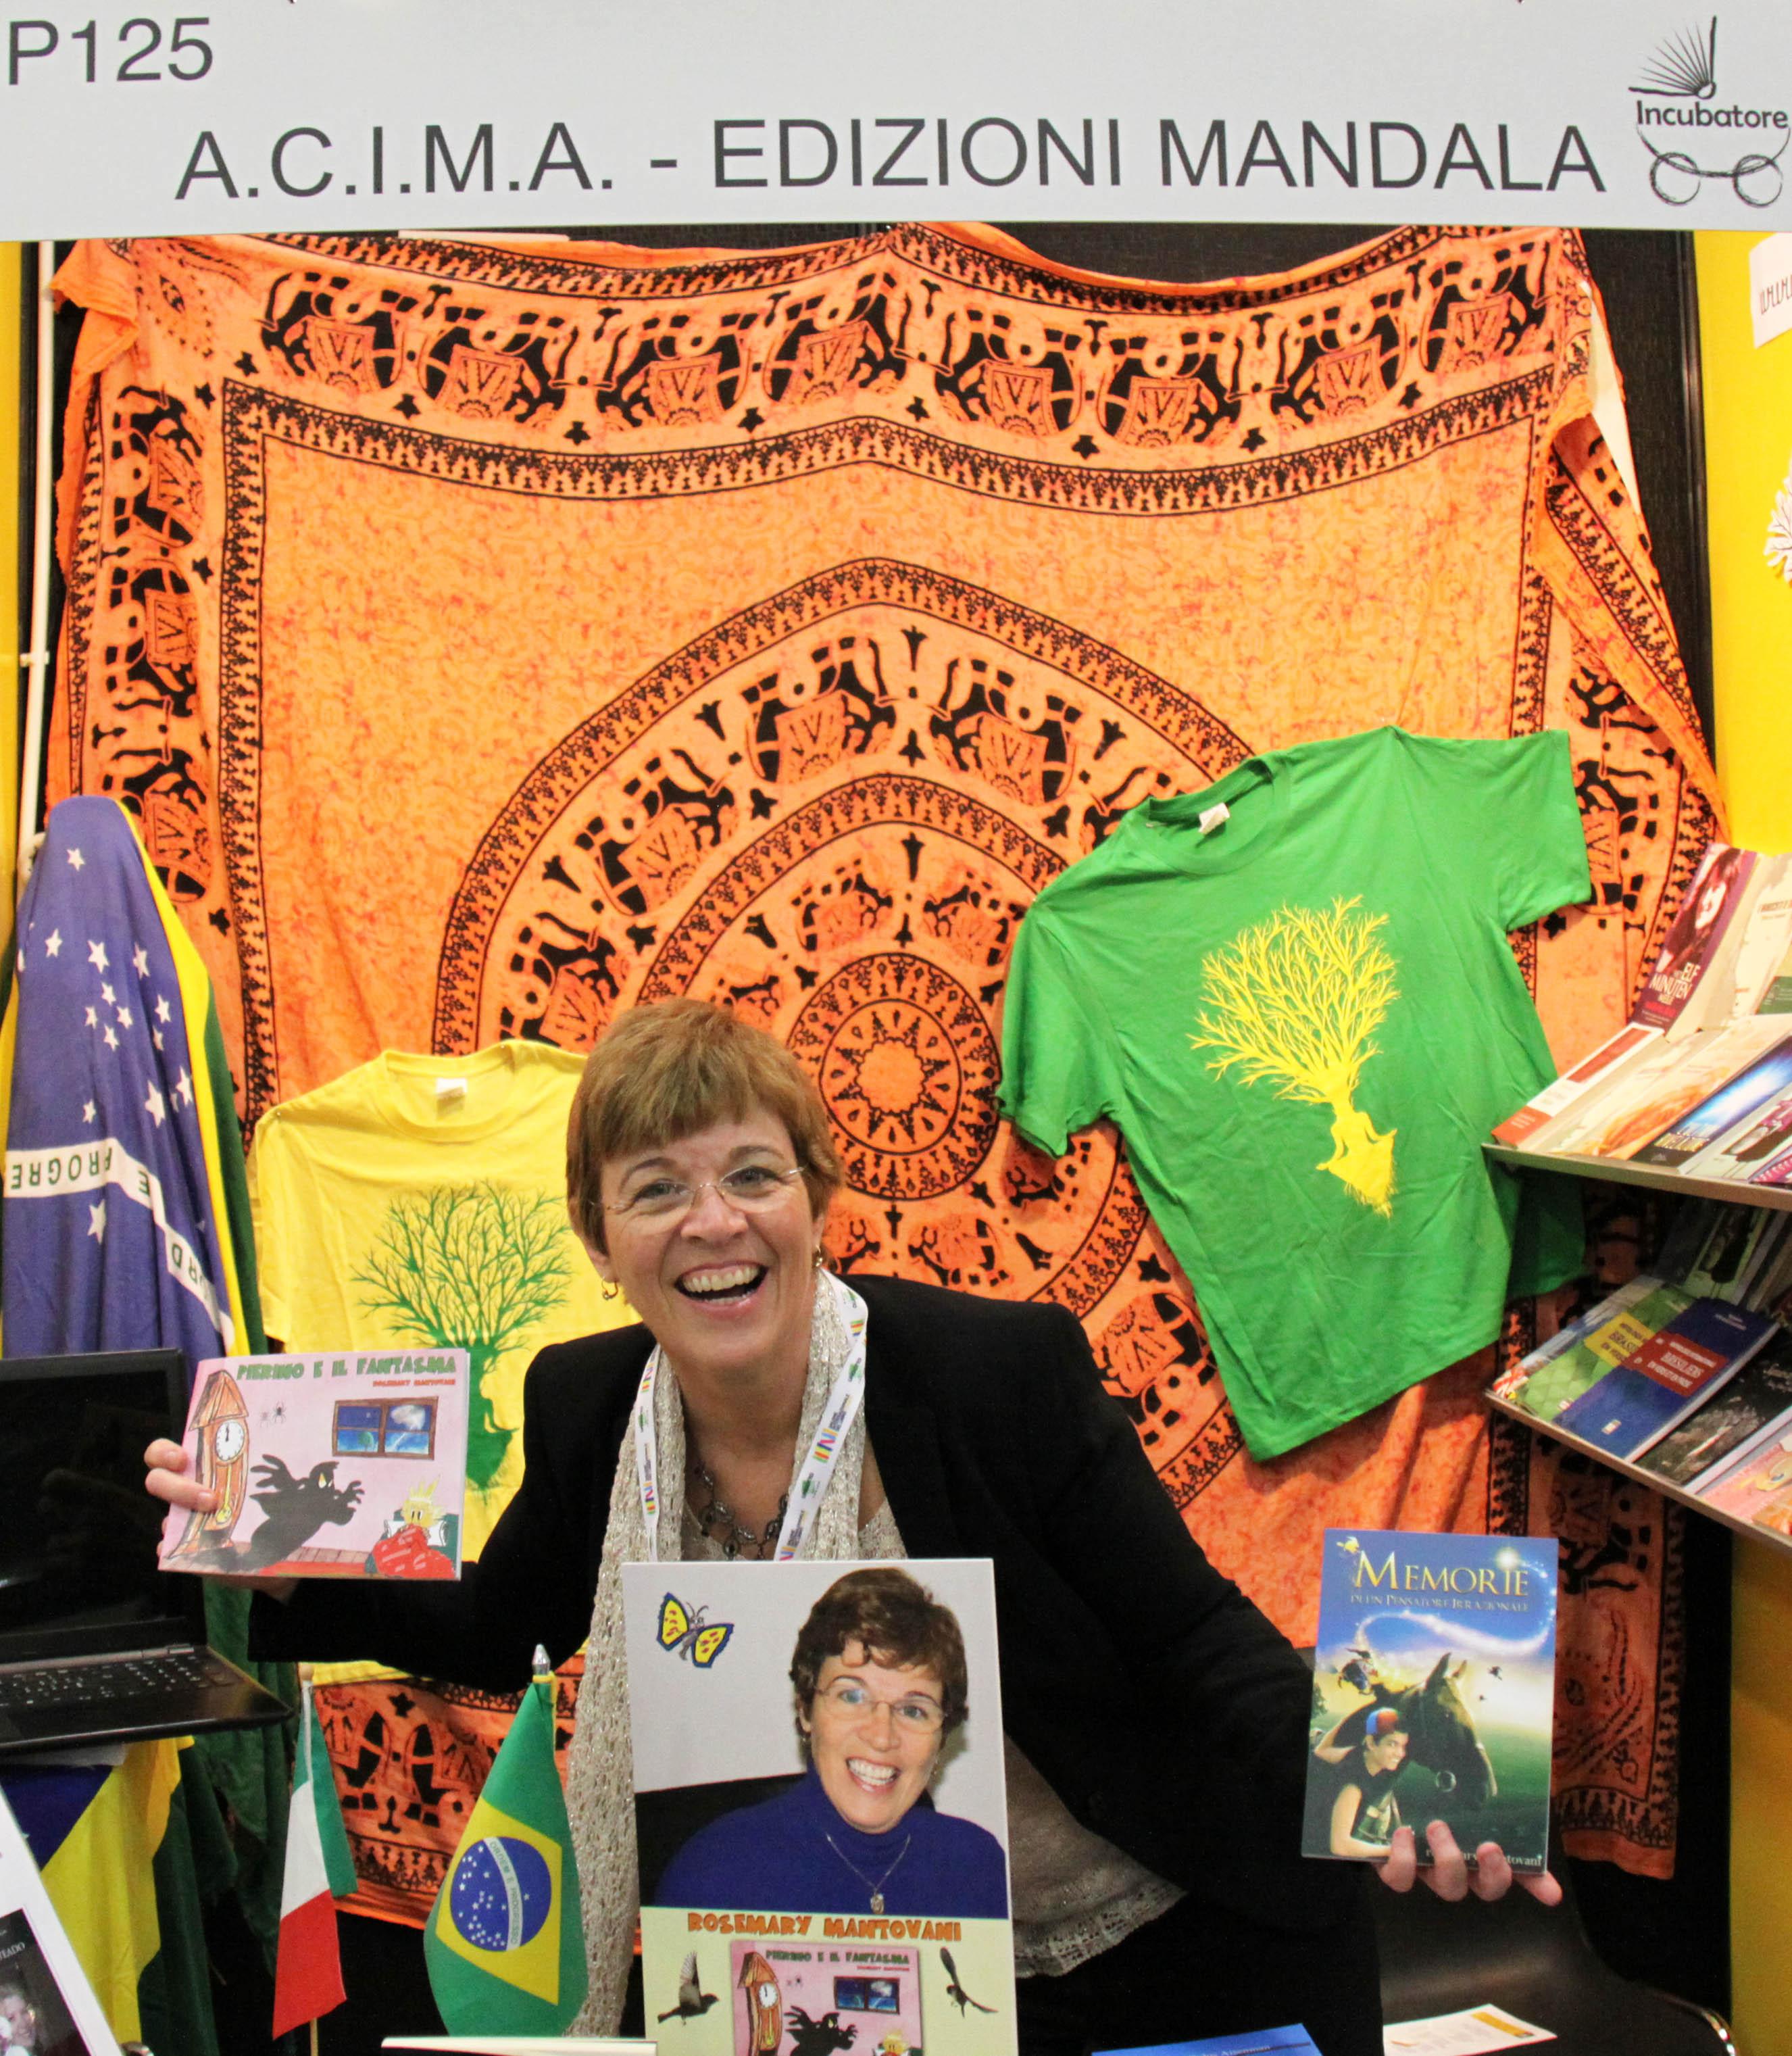 Rosemary Mantovani premiata al 22° Festival Latino Americano di Milano